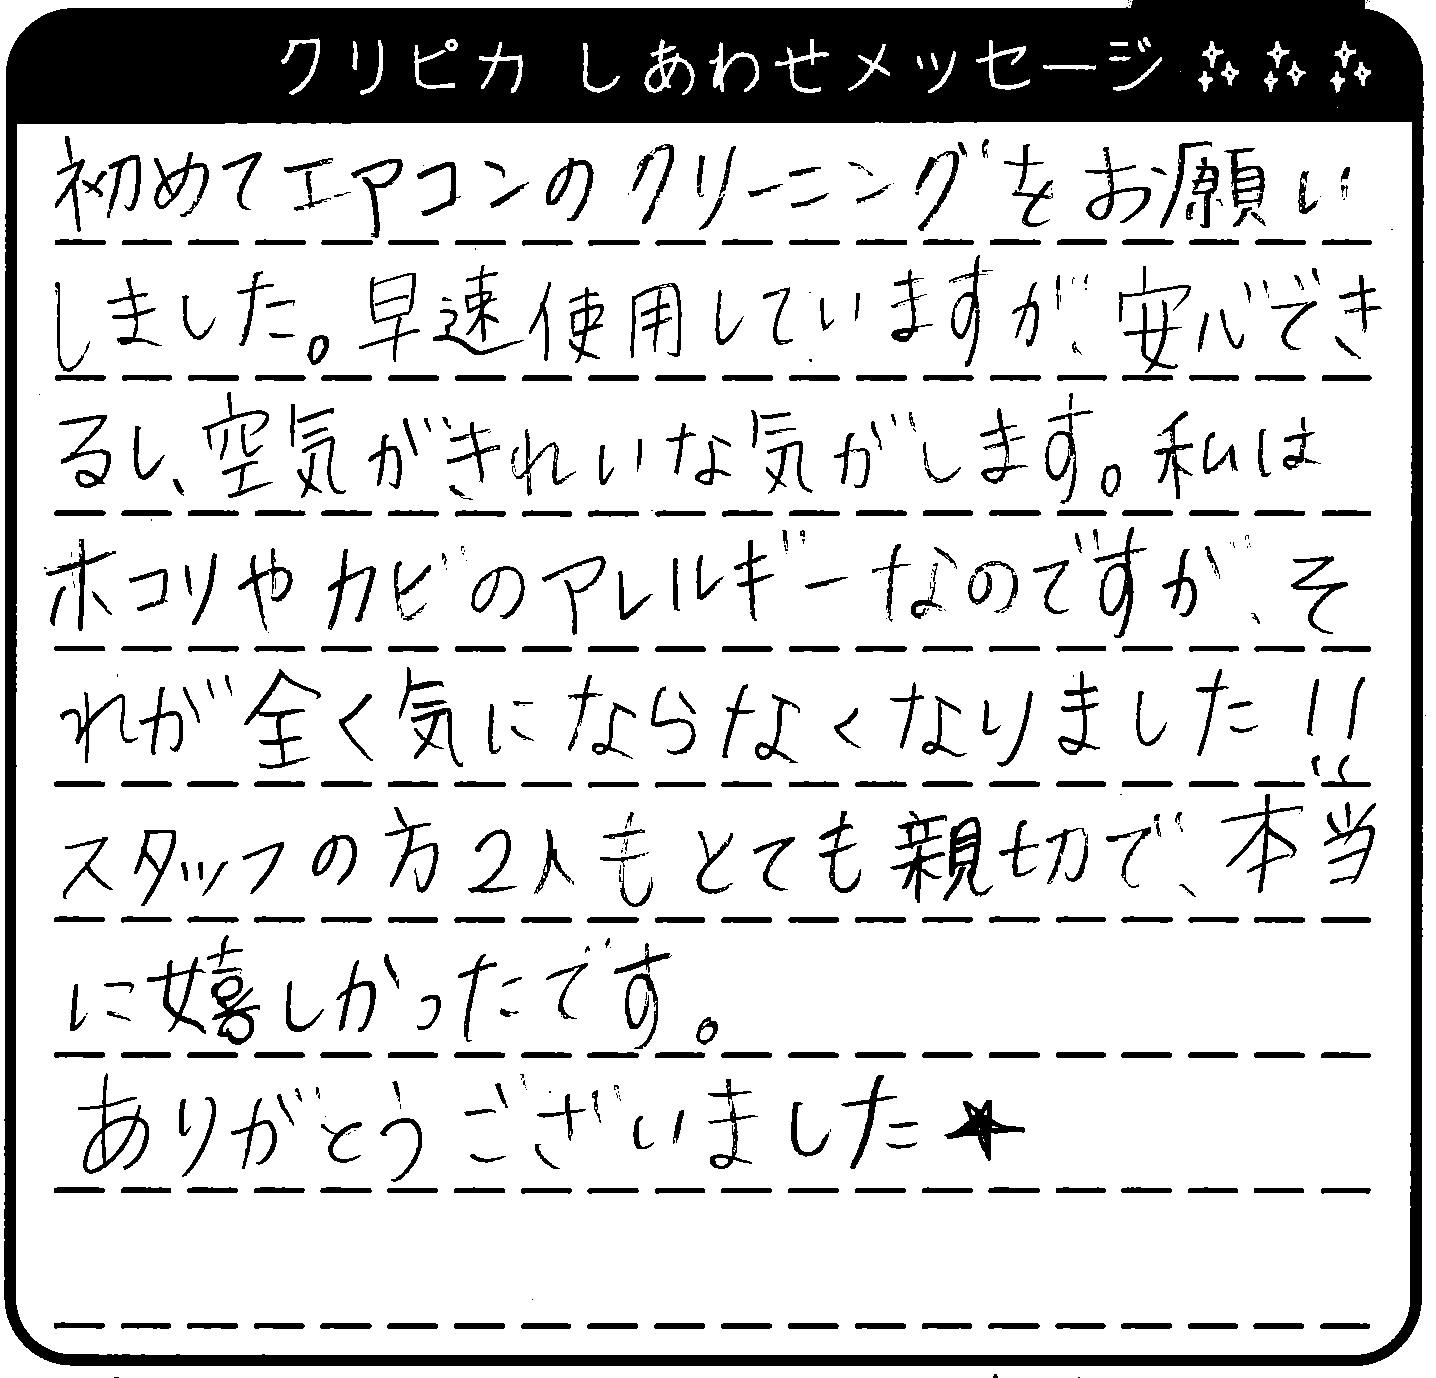 新潟県 K様からのしあわせメッセージ